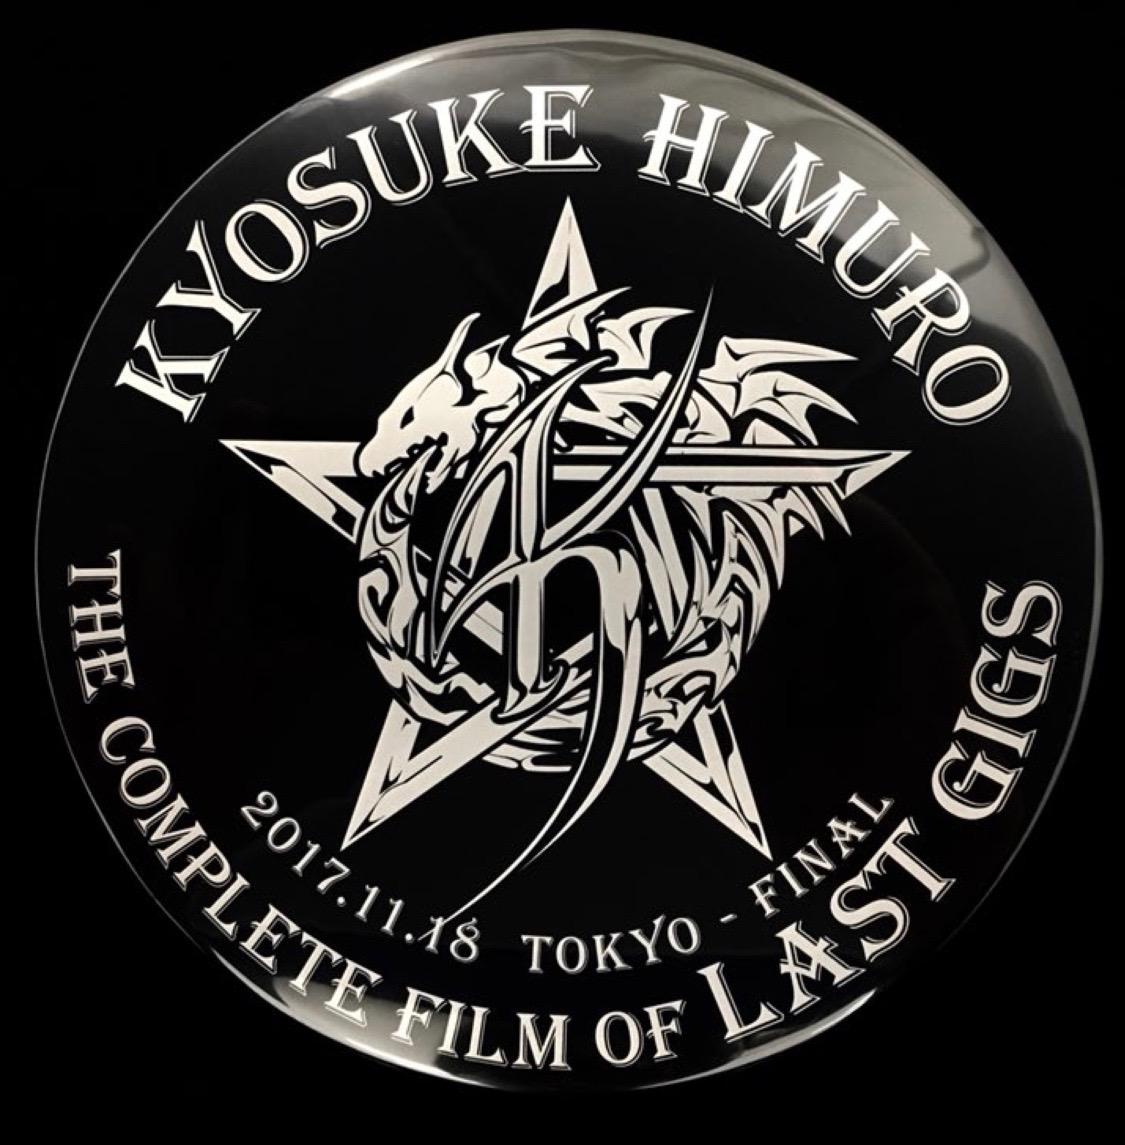 氷室京介 ご当地缶バッジ BIG ウロボロス ver. 東京 八王子 11/18 限定 THE COMPLETE FILM OF LAST GIGS フィルムコンサートツアー